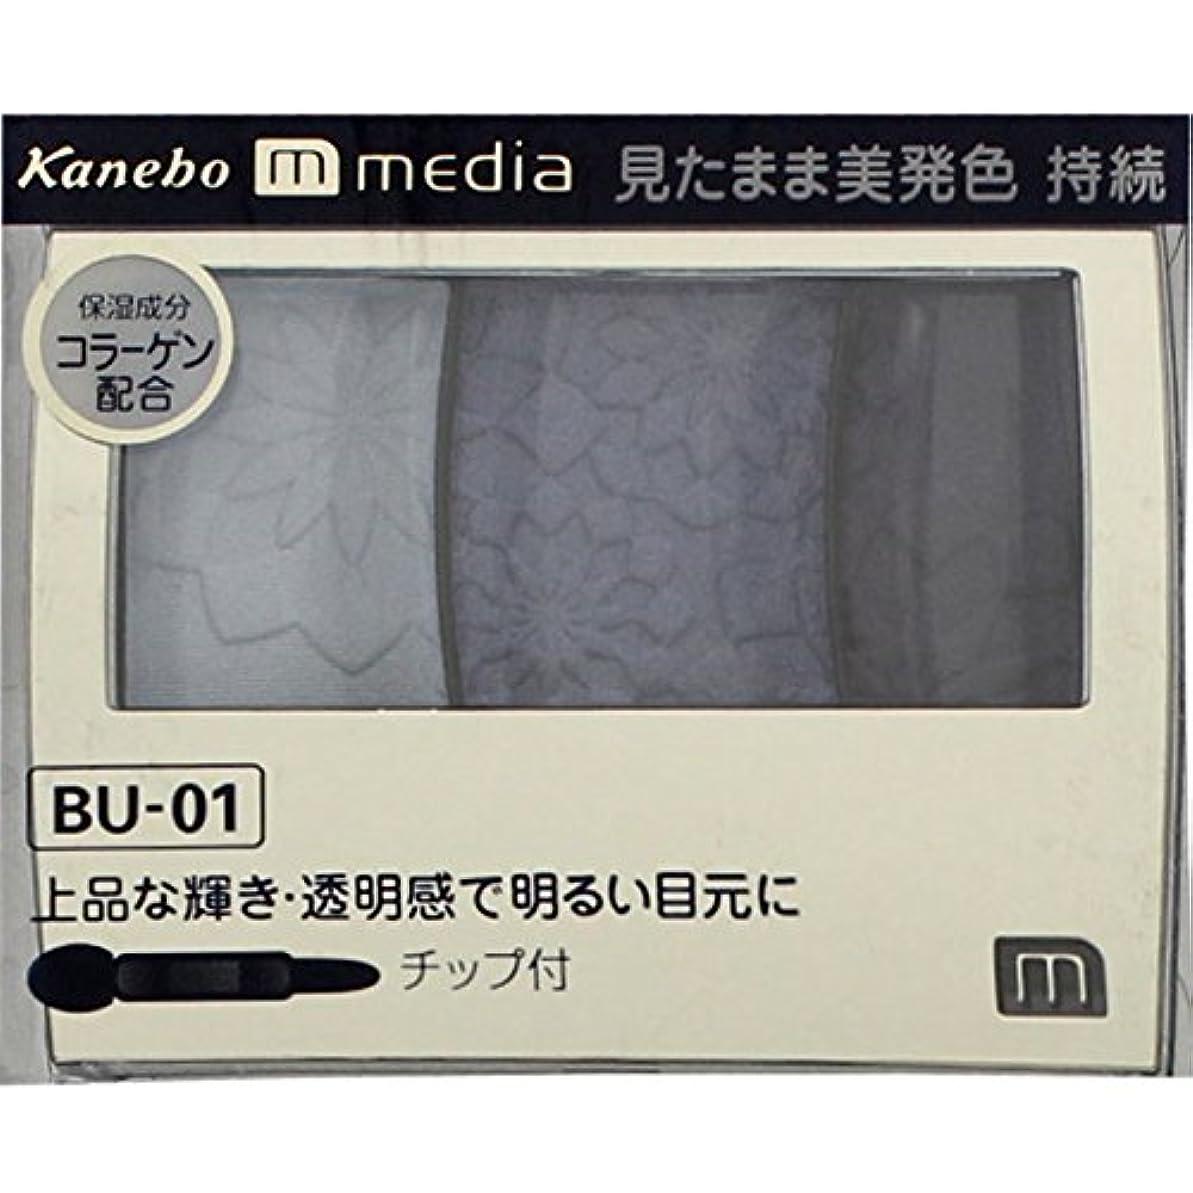 革新ダイヤモンド放棄する【カネボウ】 メディア グラデカラーアイシャドウ BU-01